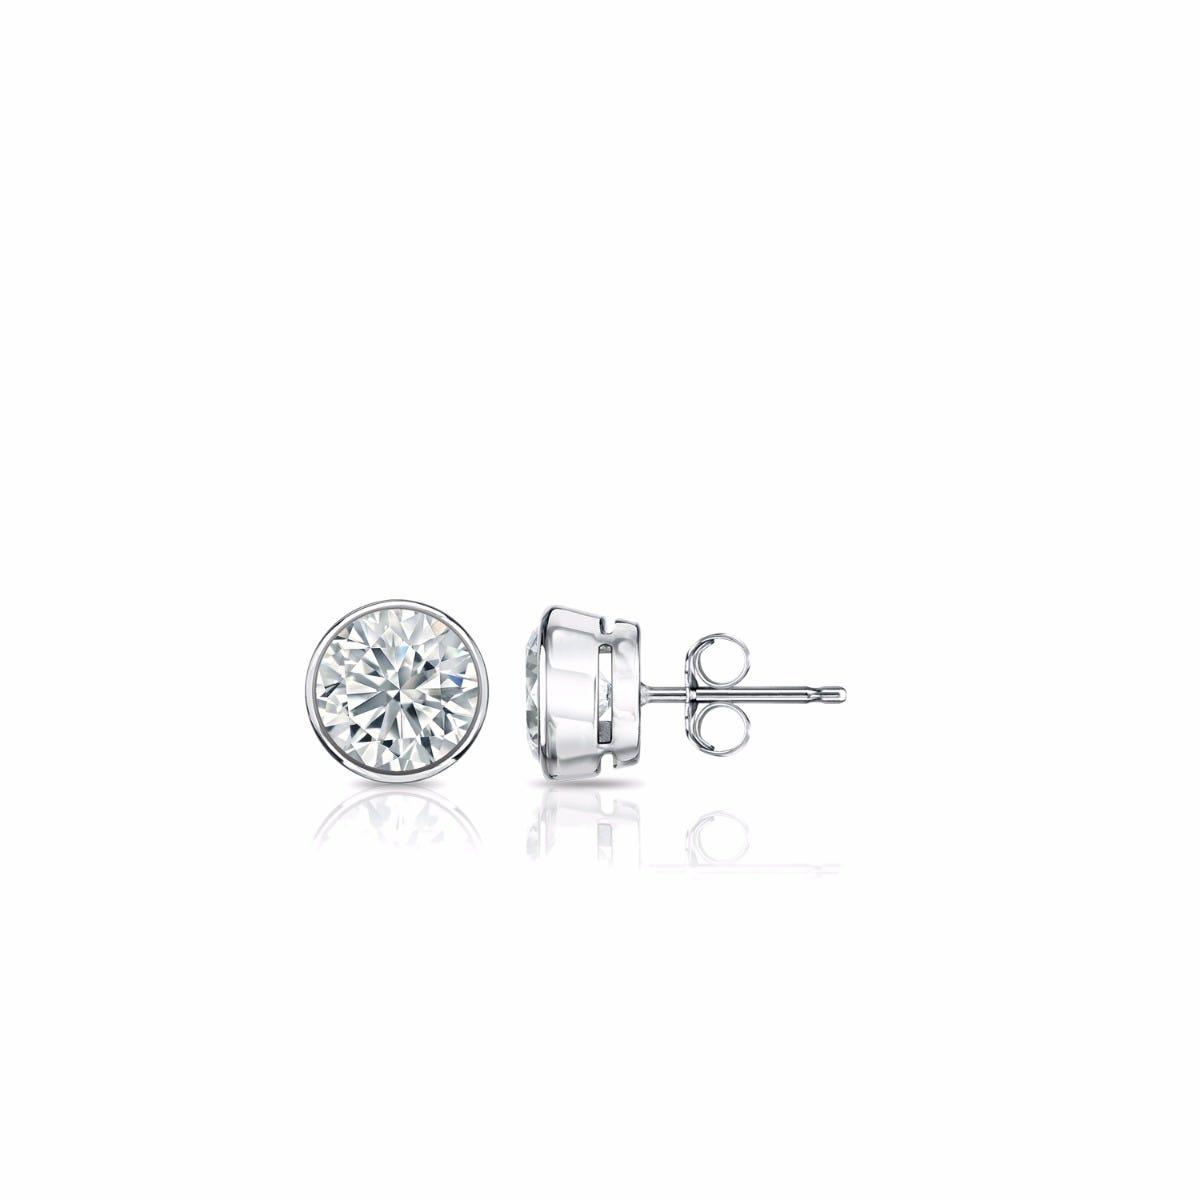 Bezel-Set Round 1/6ctw. Diamond Solitaire Stud Earrings (IJ, I1) in 18K White Gold